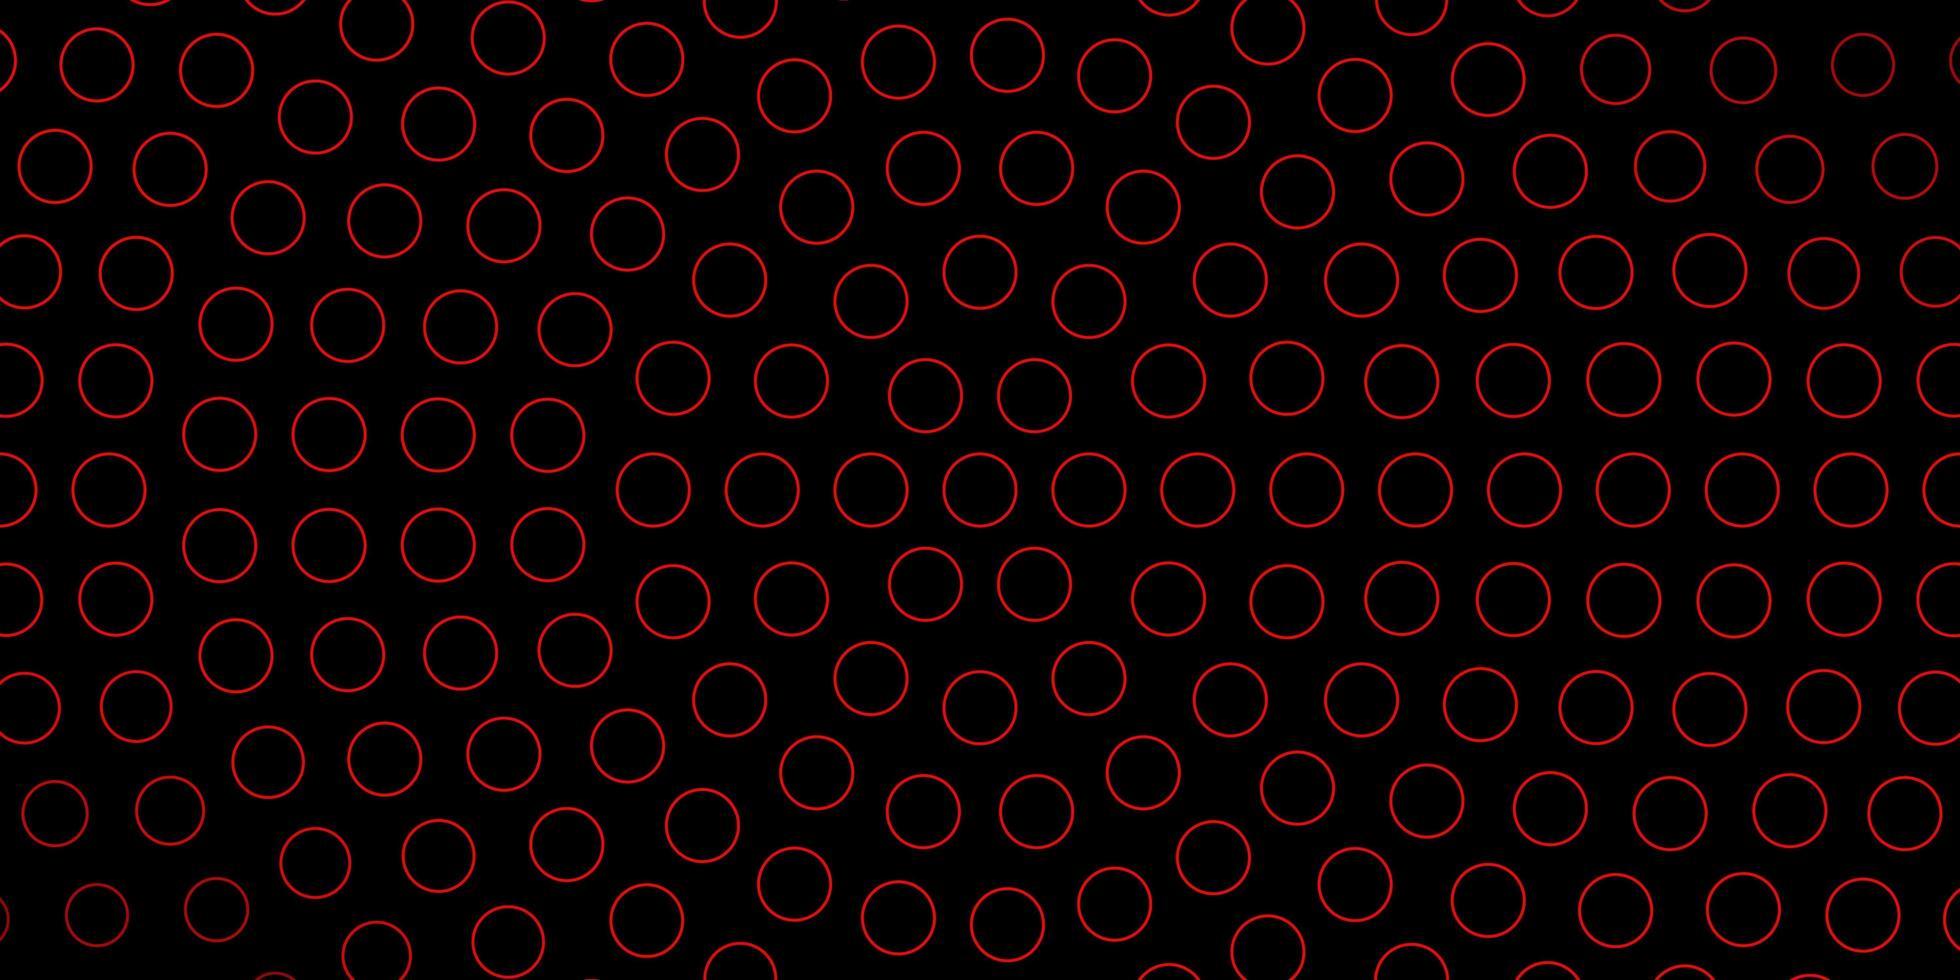 fond sombre avec des cercles rouges. vecteur